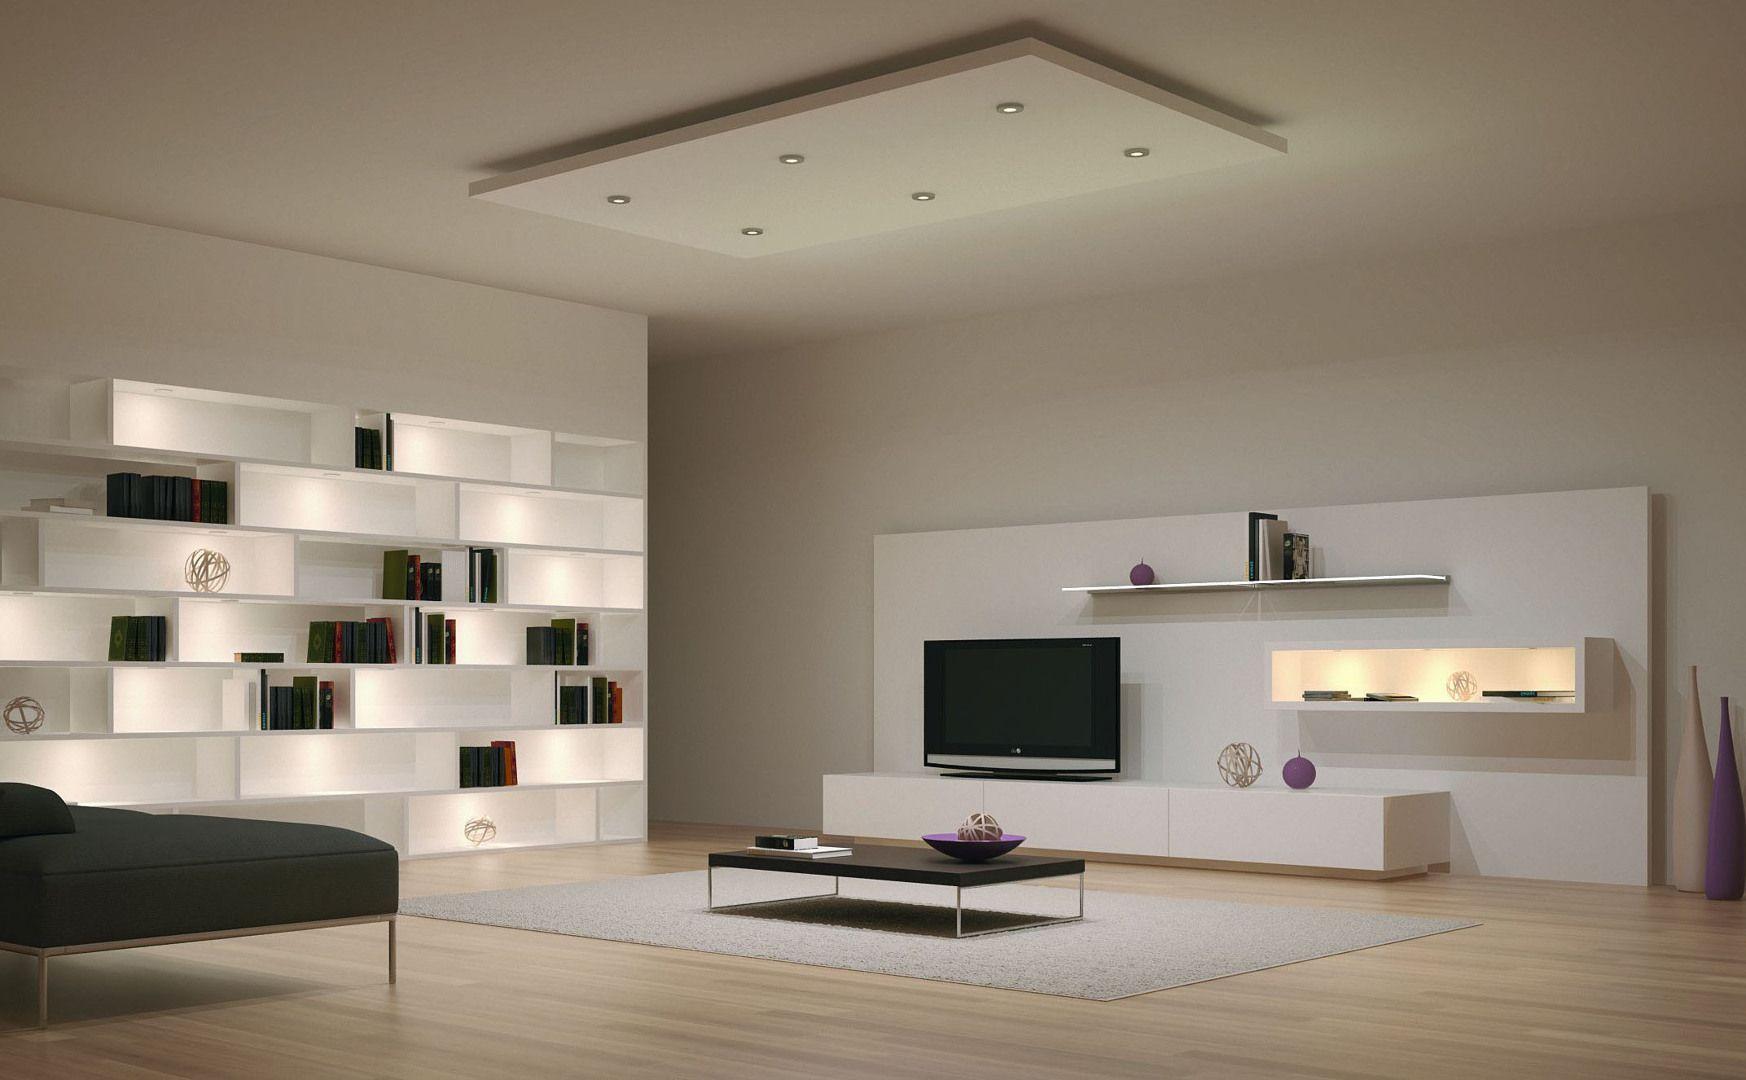 Illuminazione a led per salotto arredamento d interni nel